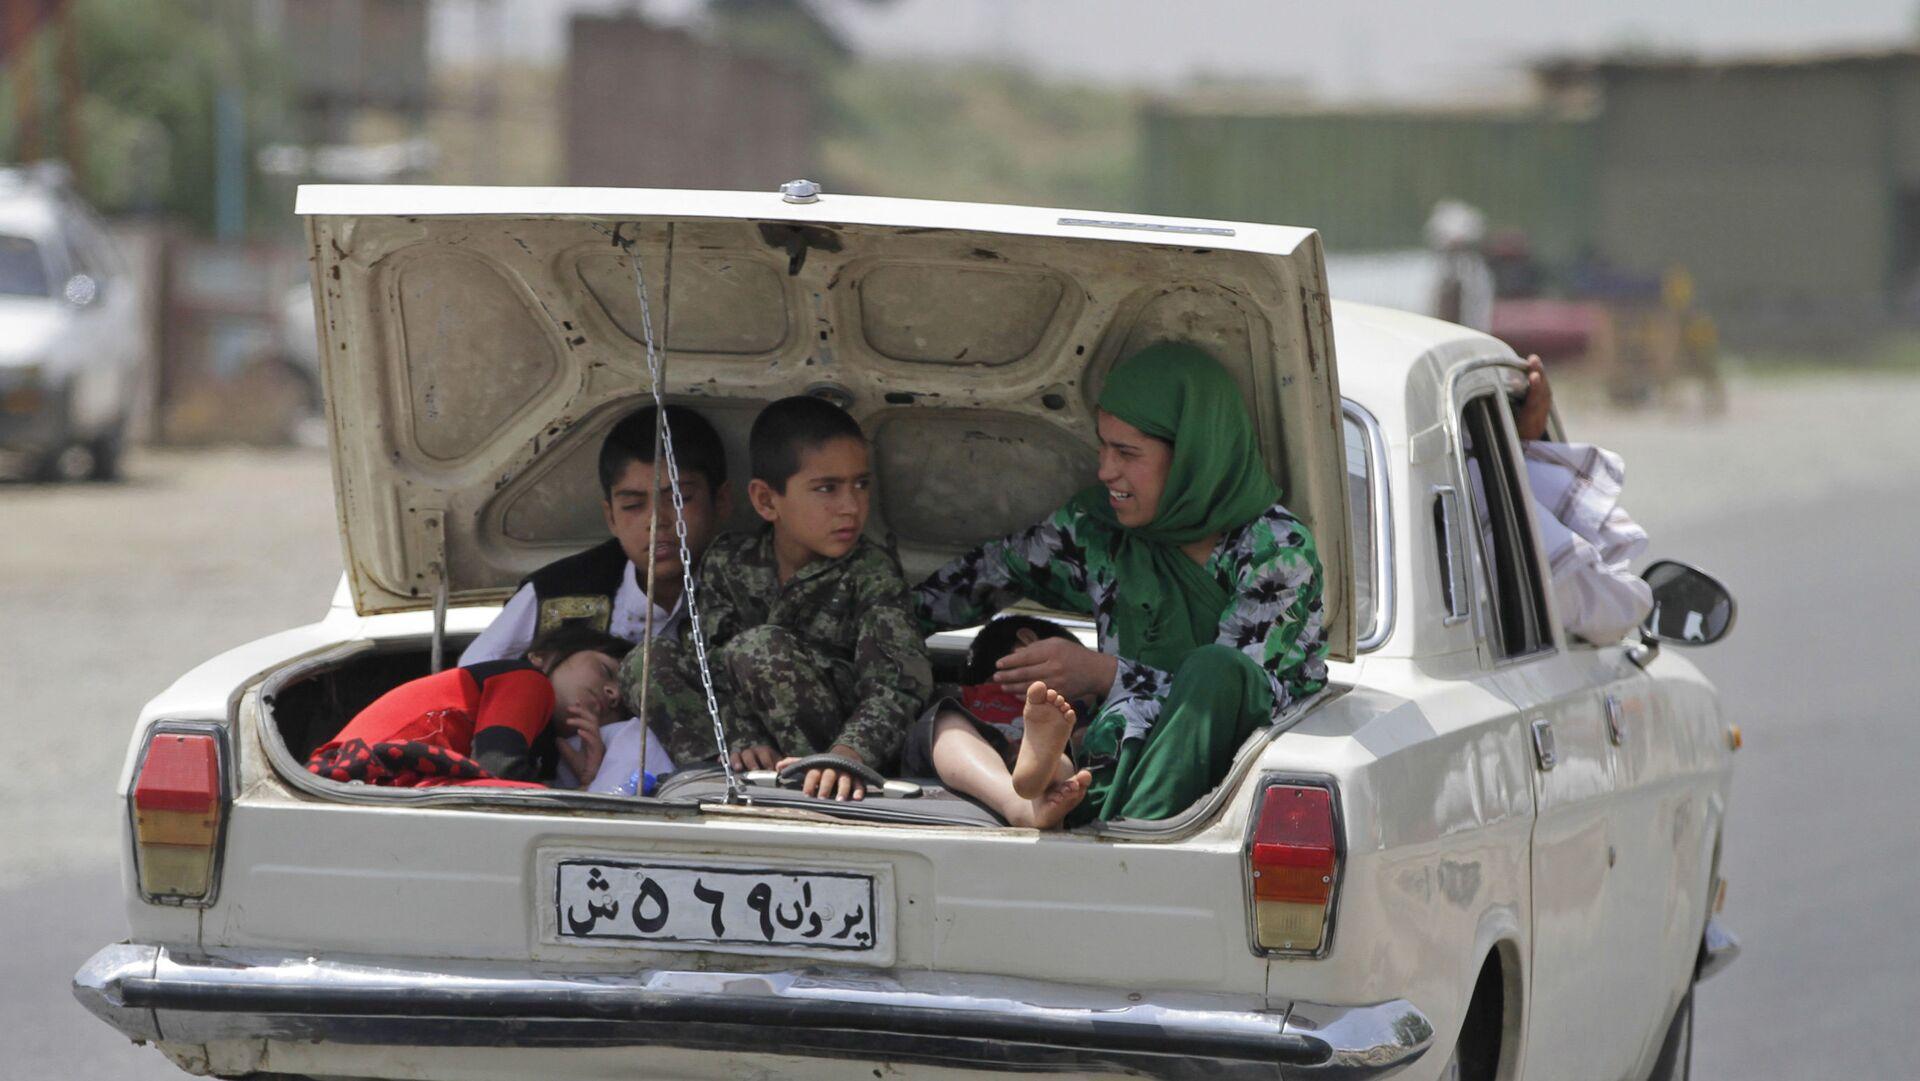 Афганская семья багажнике автомобиля по окраинам Кабула - Sputnik Italia, 1920, 20.08.2021